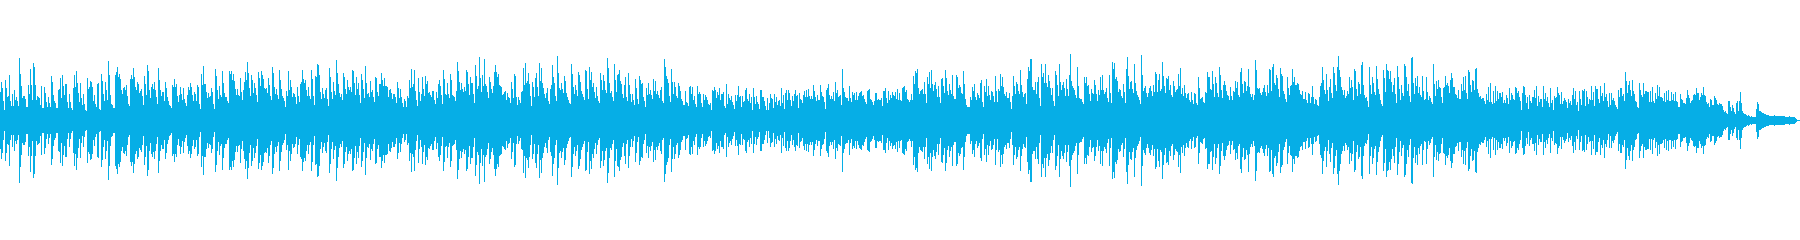 しっとり落ち着いたピアノバラードの再生済みの波形